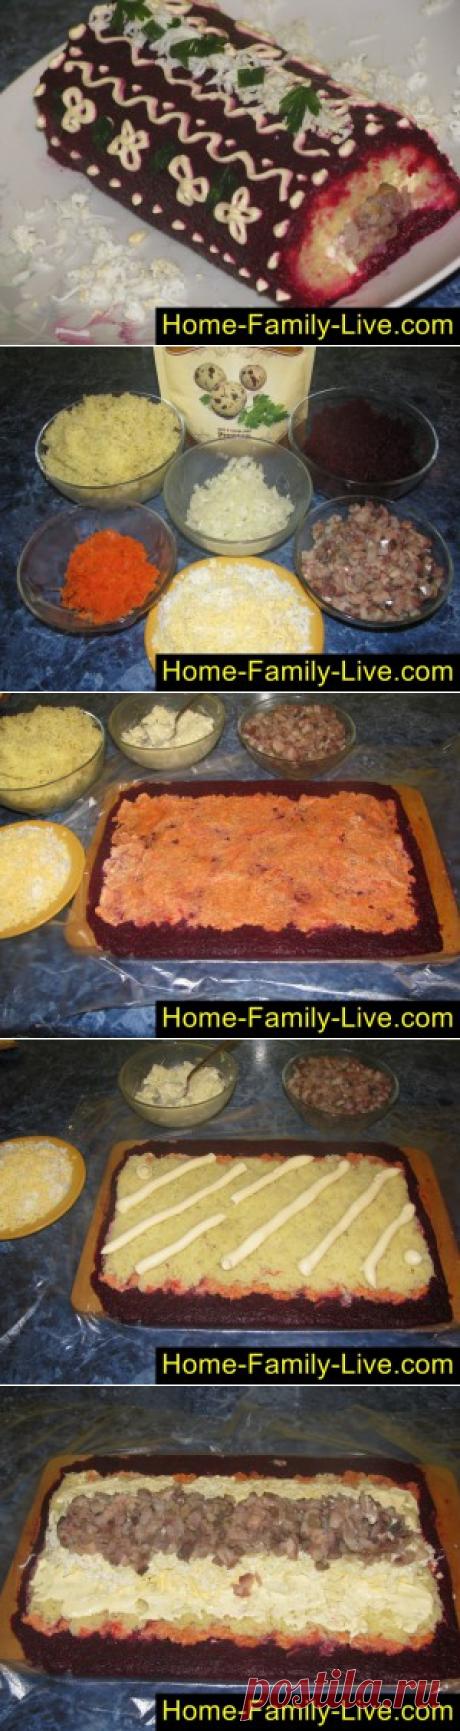 El arenque bajo la pelliza, el panecillo - poshagovyy la fotoreceta - la ensalada en forma ruletakulinarnye las recetas